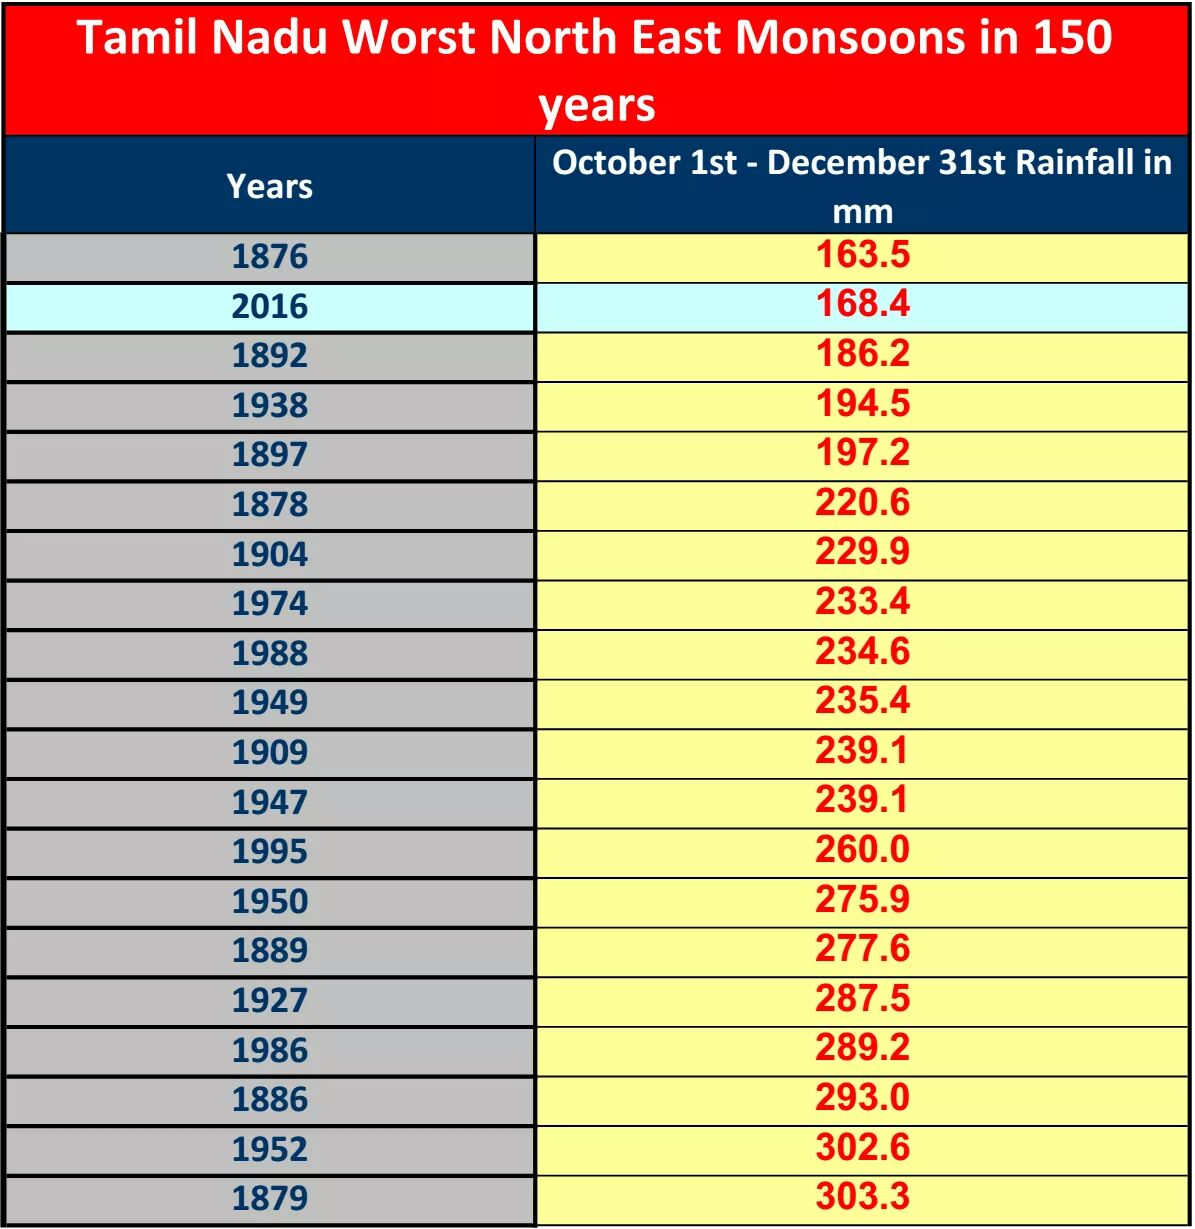 The second-worst monsoon in 150 years. Credit: Tamil Nadu Weatherman via Facebook